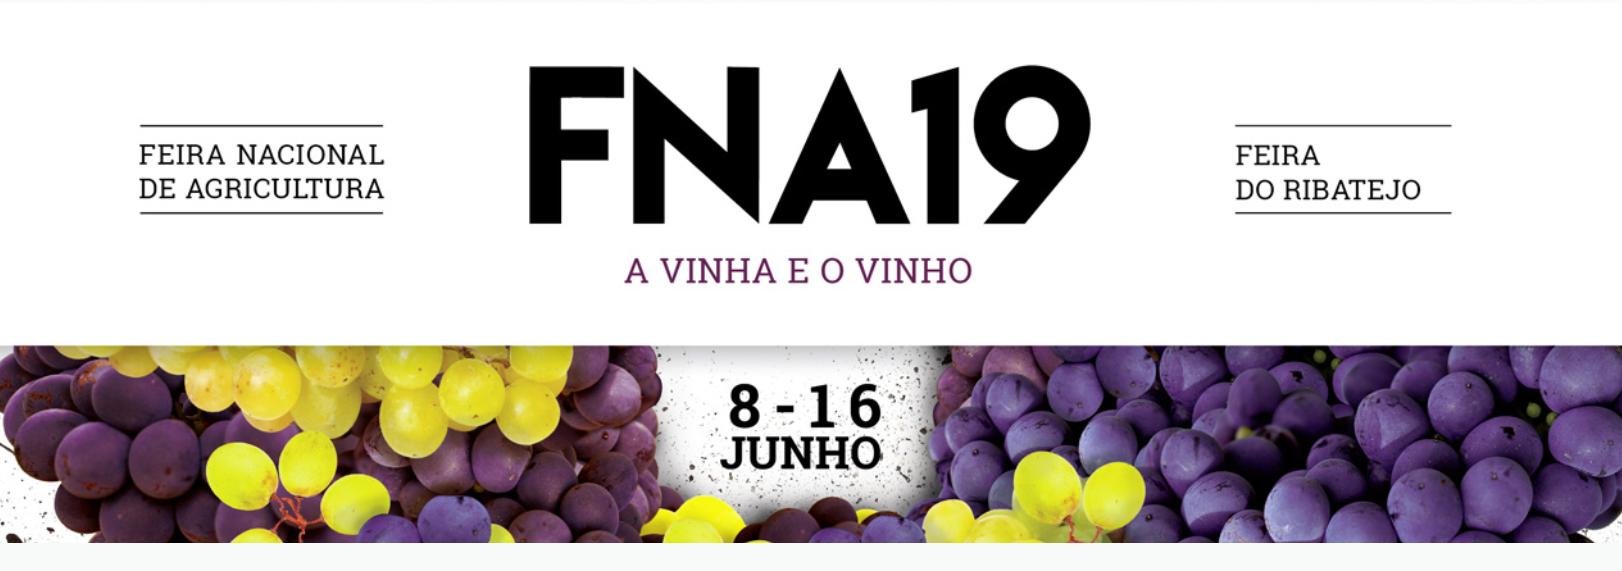 Resultado de imagem para feira nacional da agricultura 2019